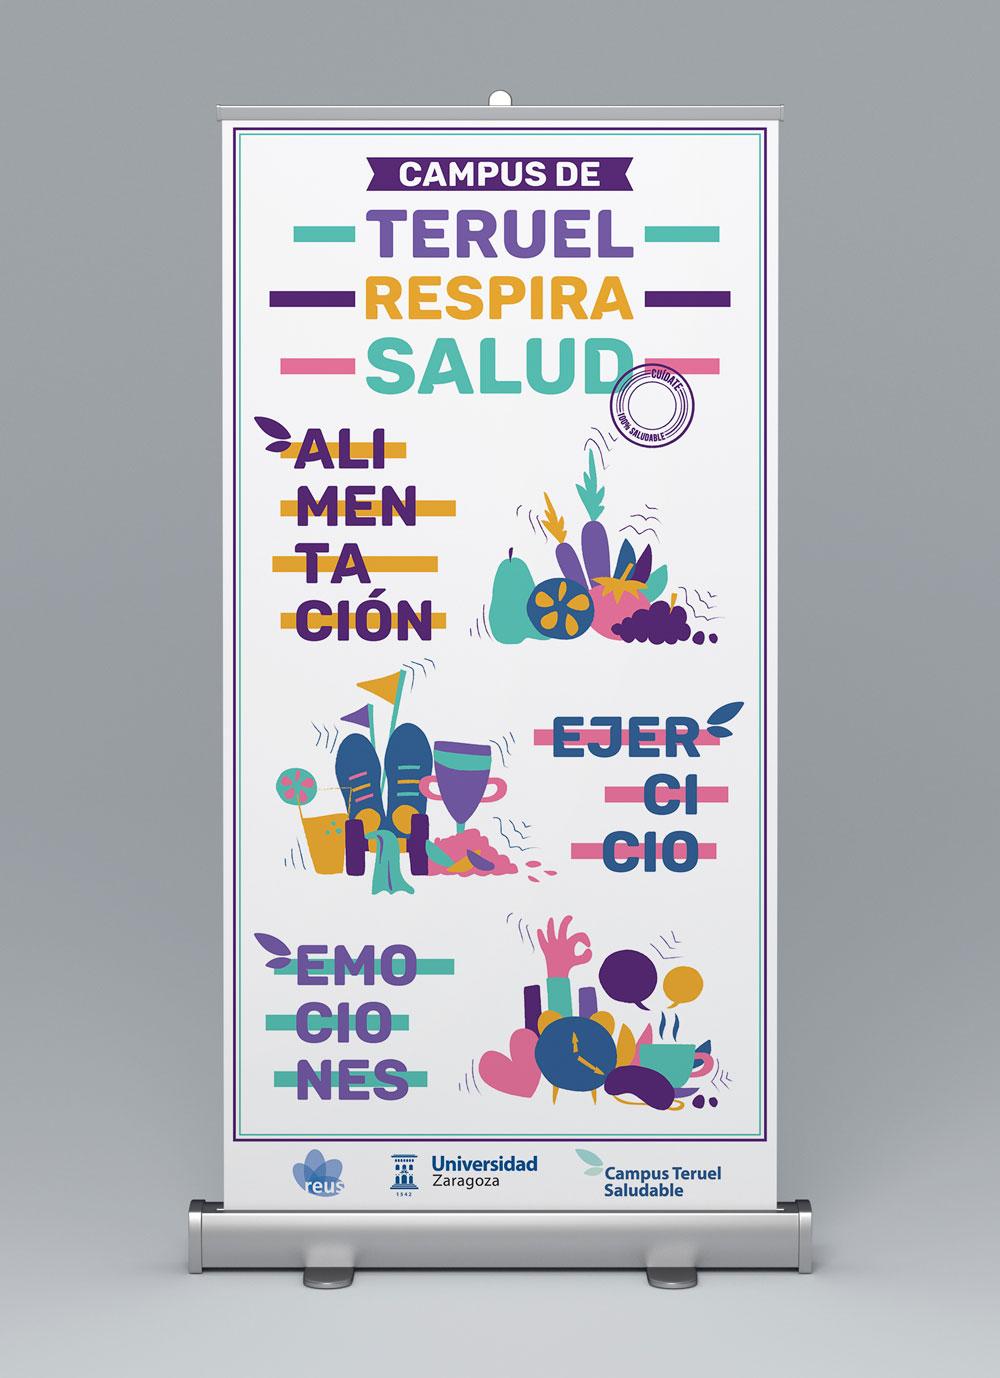 Unizar Saludable – Teruel respira salud | Imagen gráfica